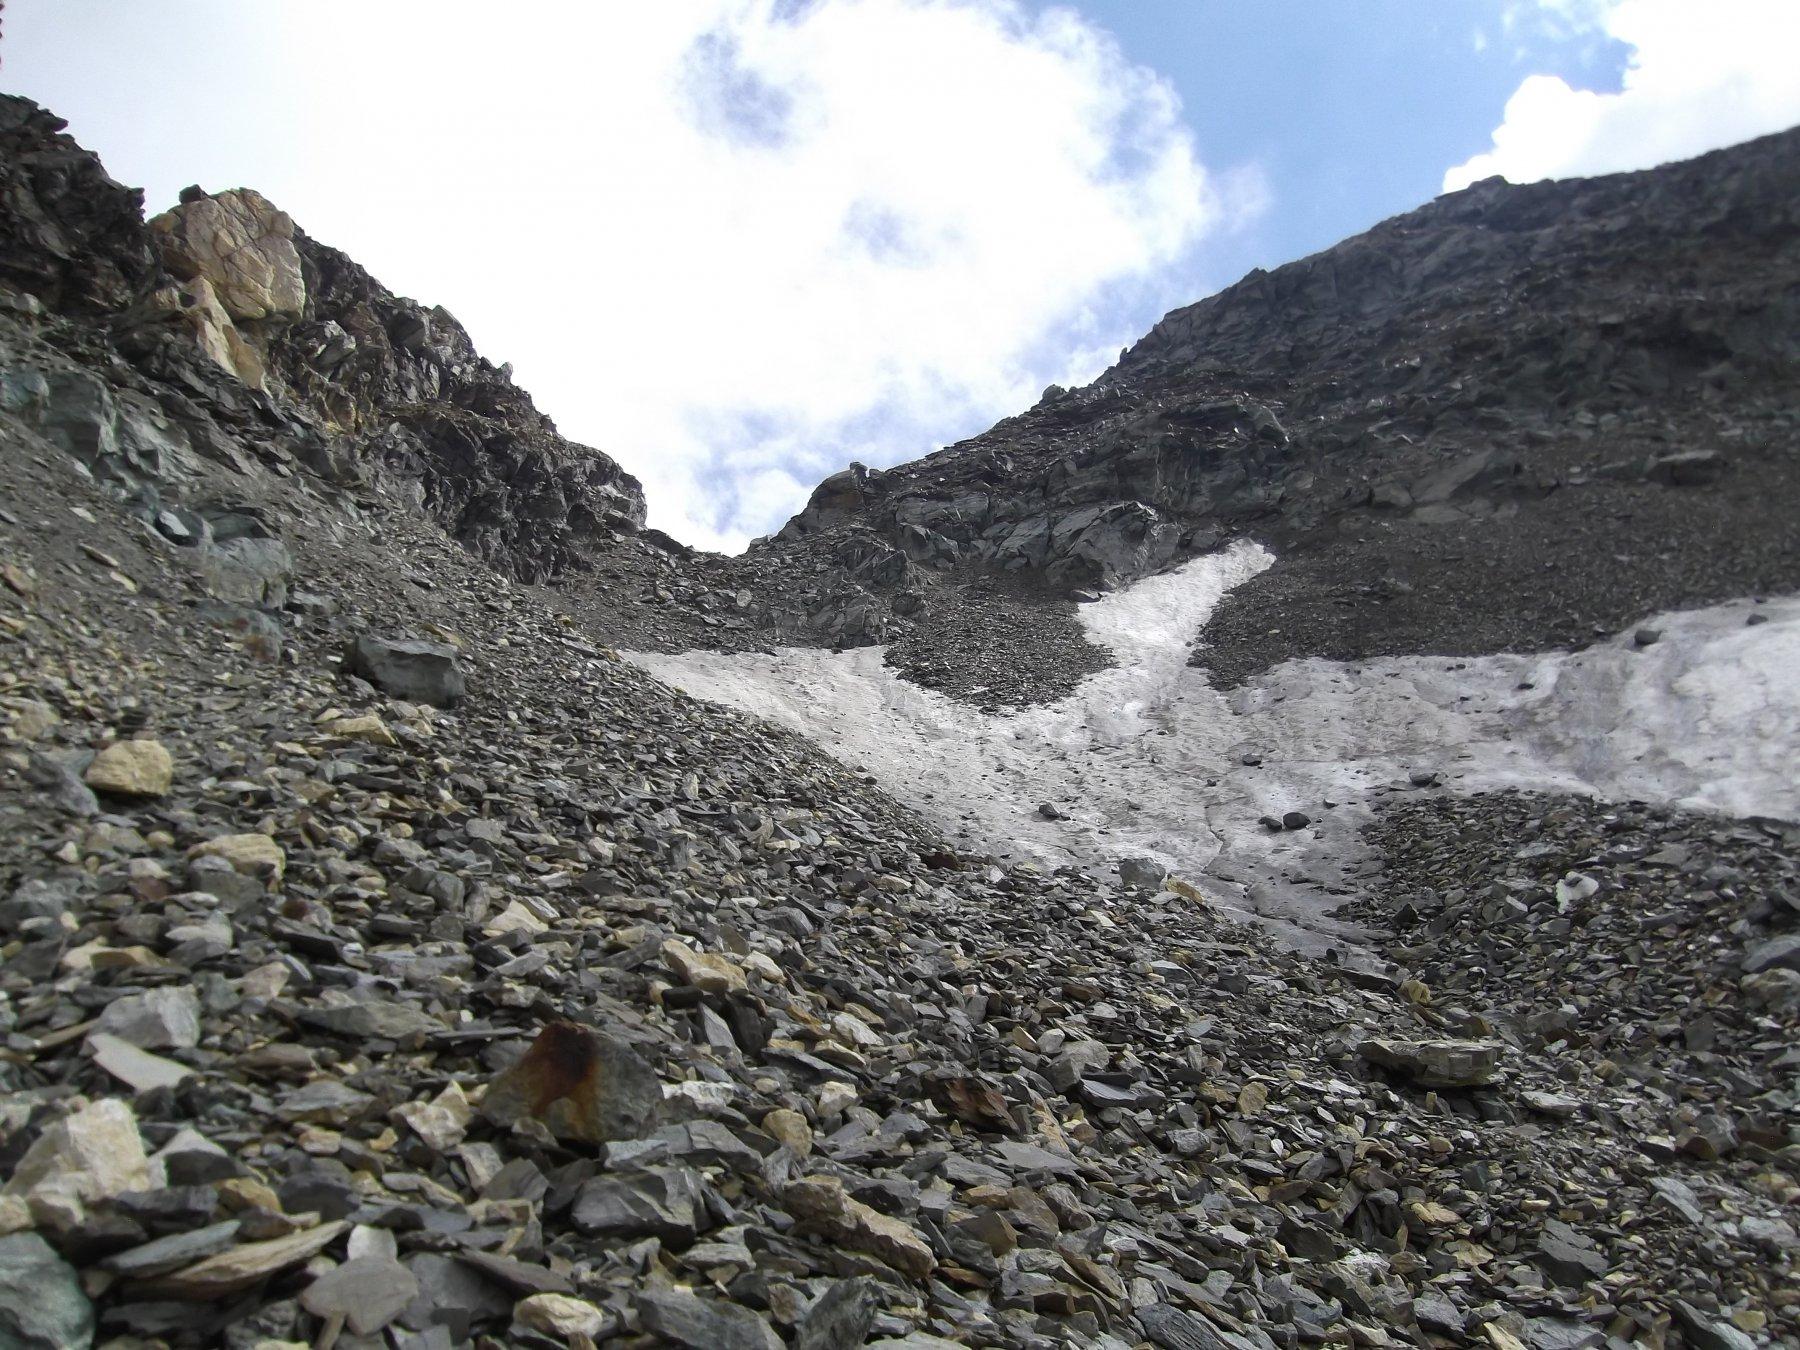 Il Colle di Vofrede e il nevaio evitabile.